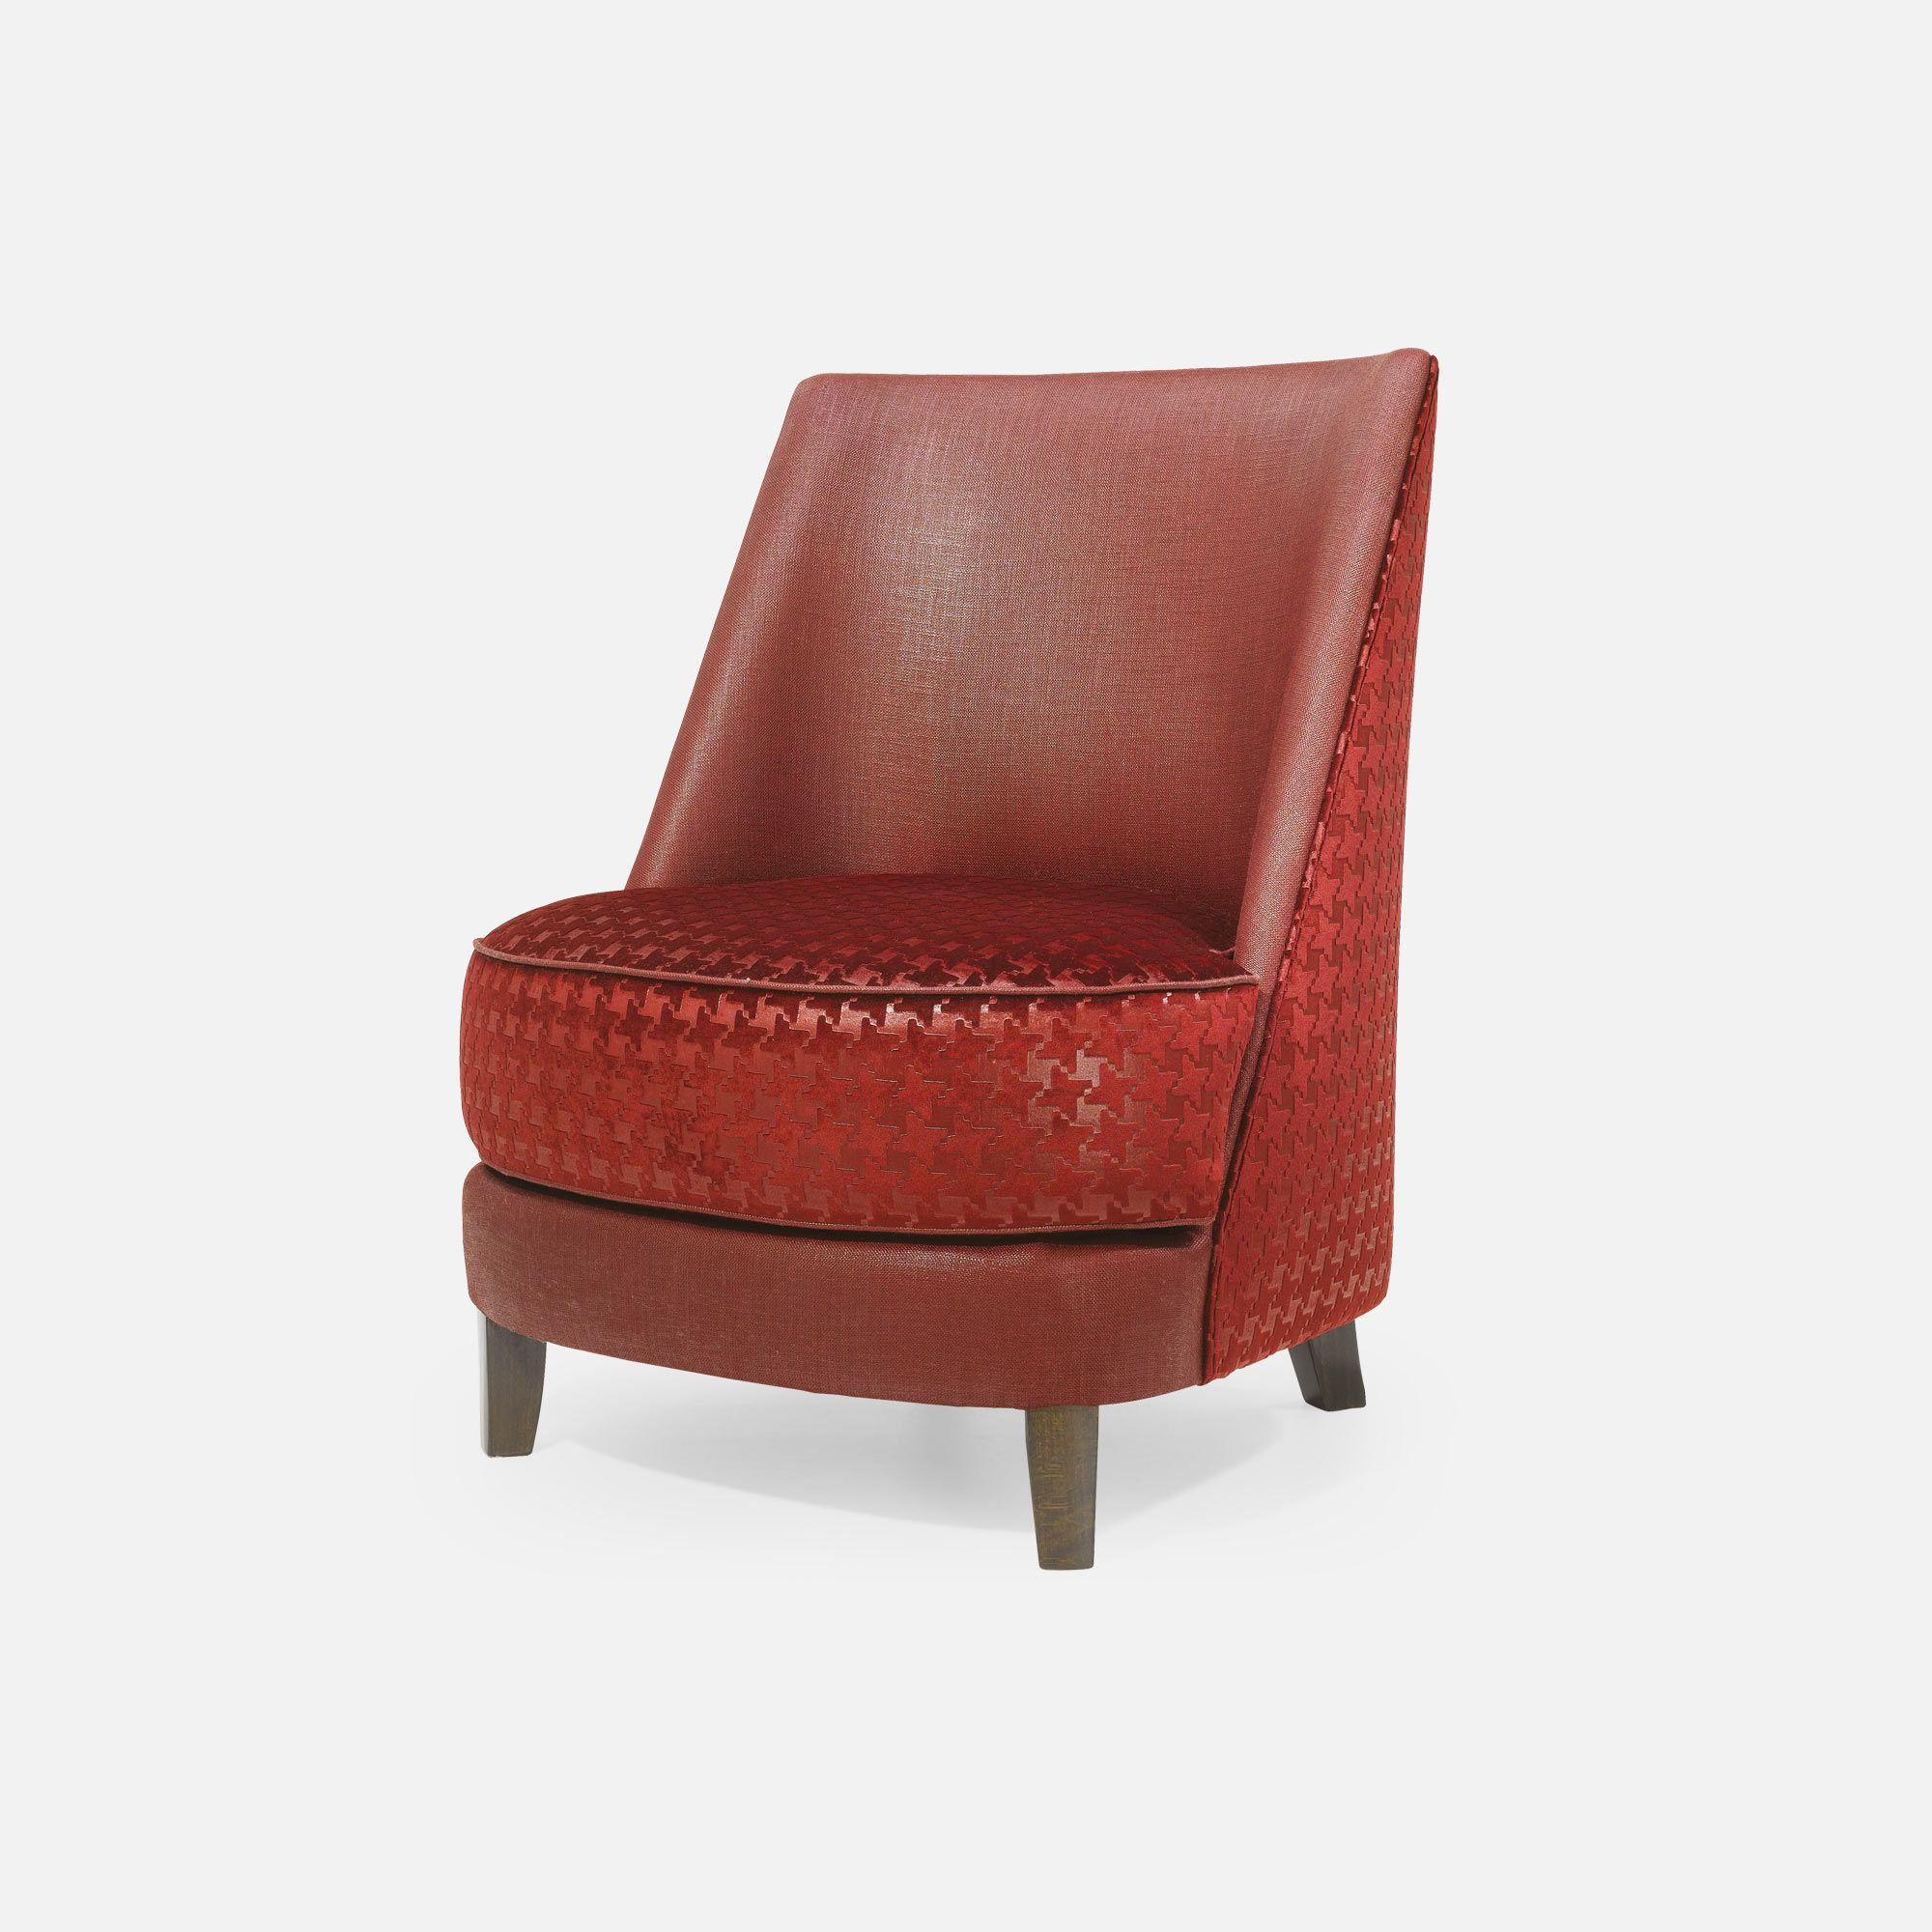 Fauteuil crapaud Zuma, découvrez notre collection de mobilier a1d515fc9eed